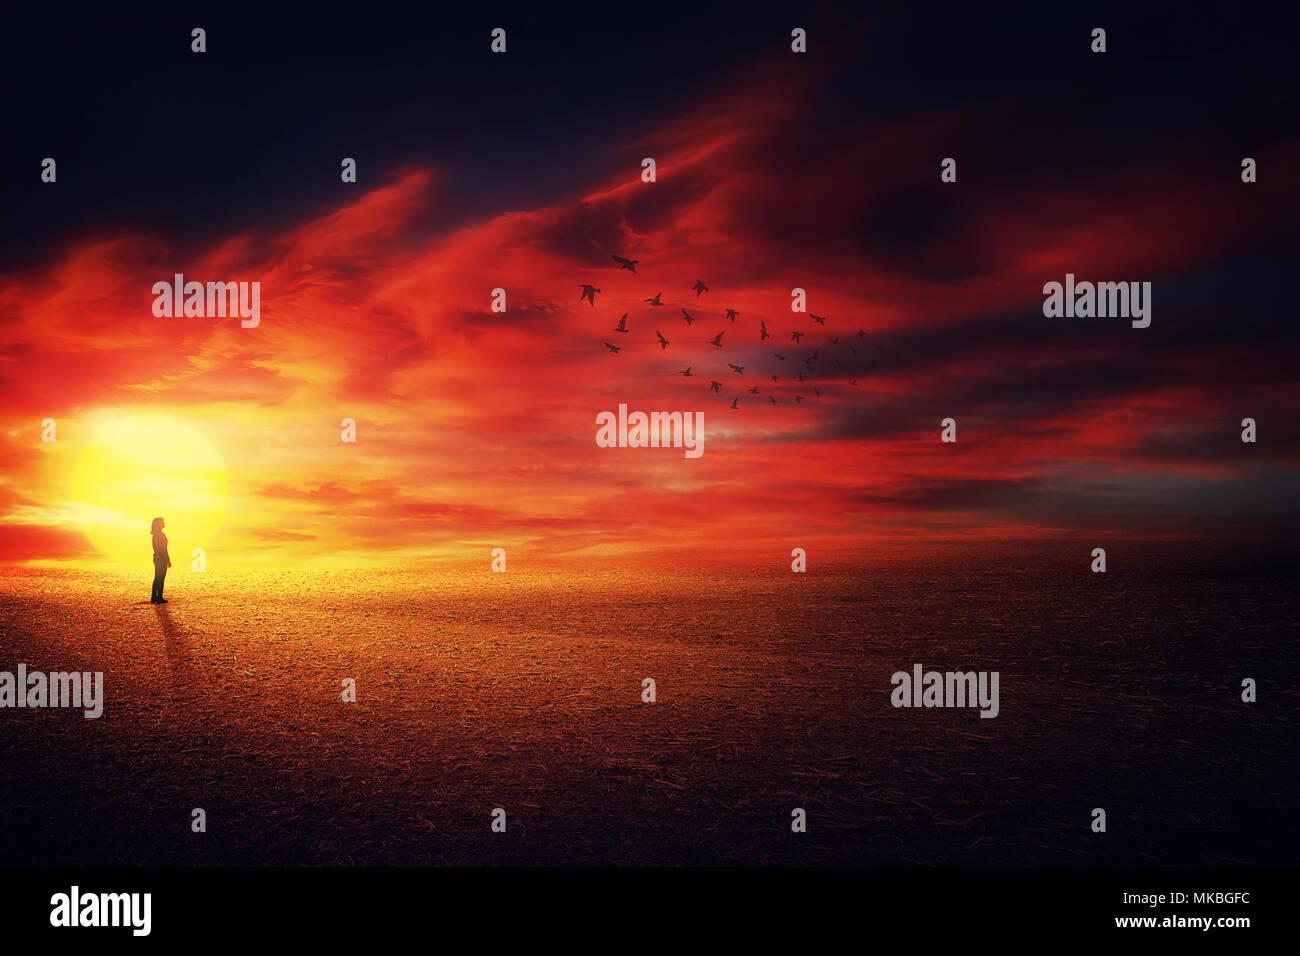 Surreale Landschaft als mädchen silhouette auf den schönen Sonnenuntergang Hintergrund Wache an einen Schwarm Vögel fliegen am Himmel. Leben Reise Konzept. Stockbild